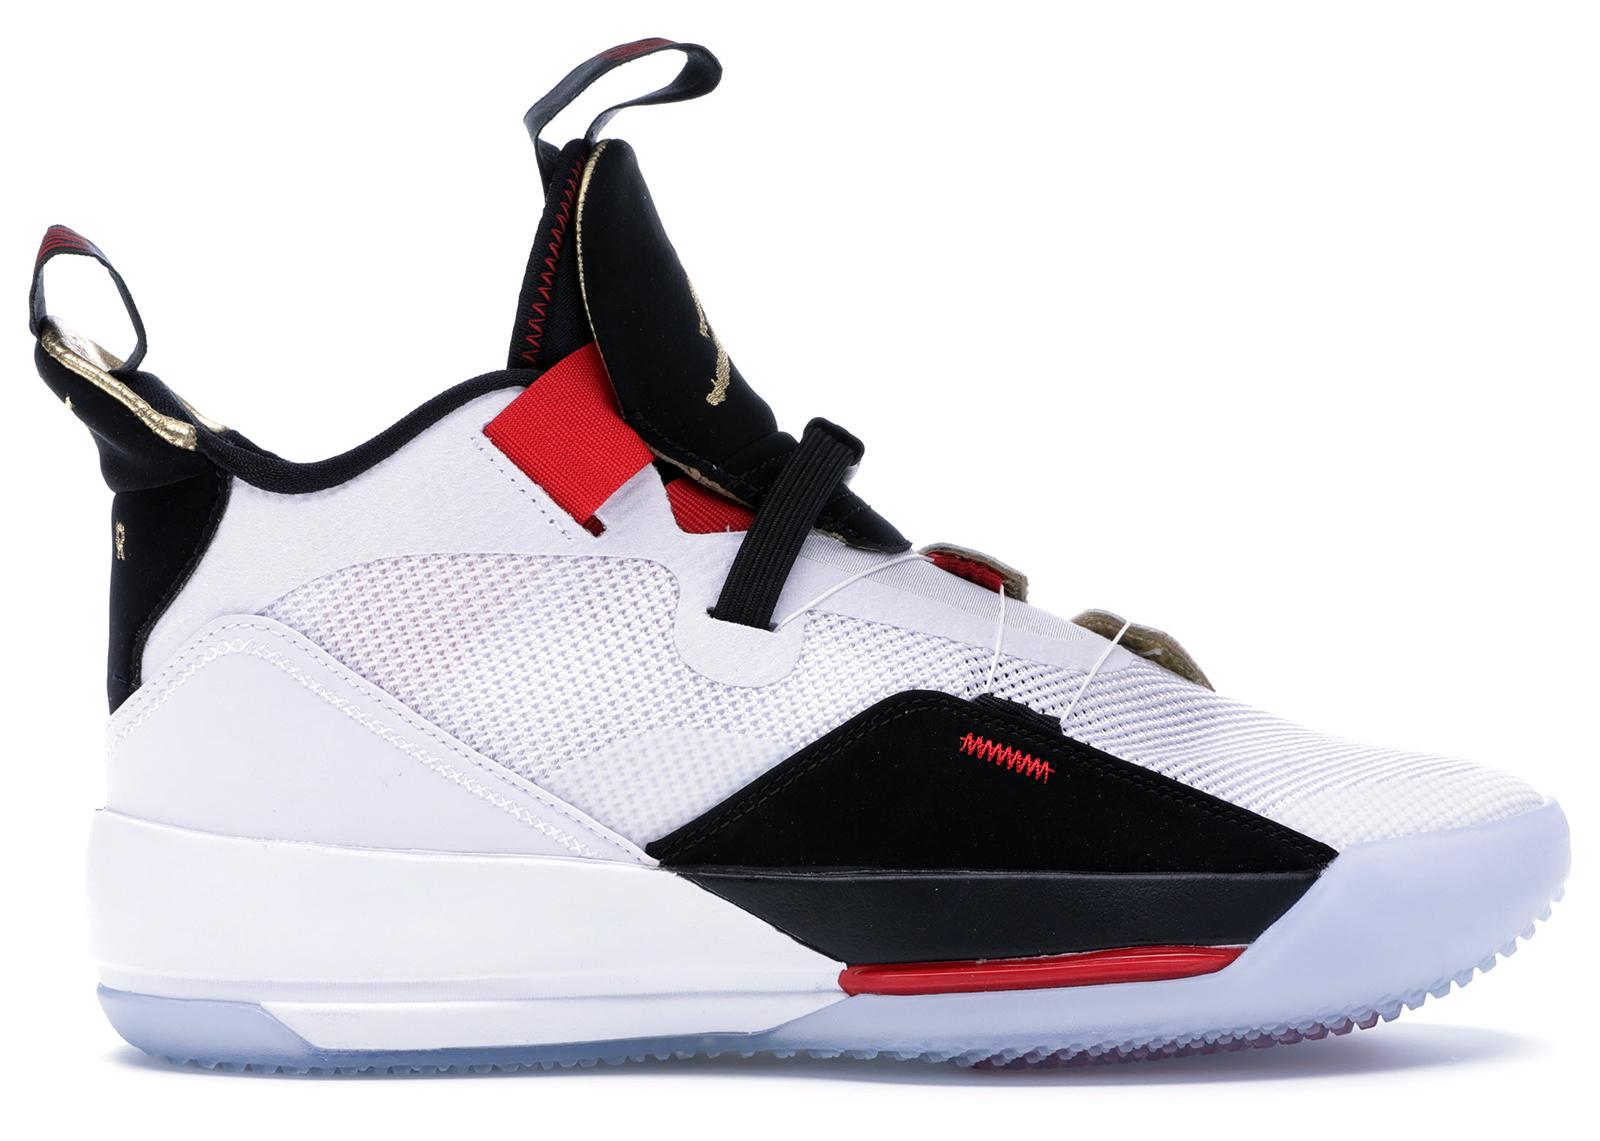 Jordan XXXIII Future of Flight - AQ8830